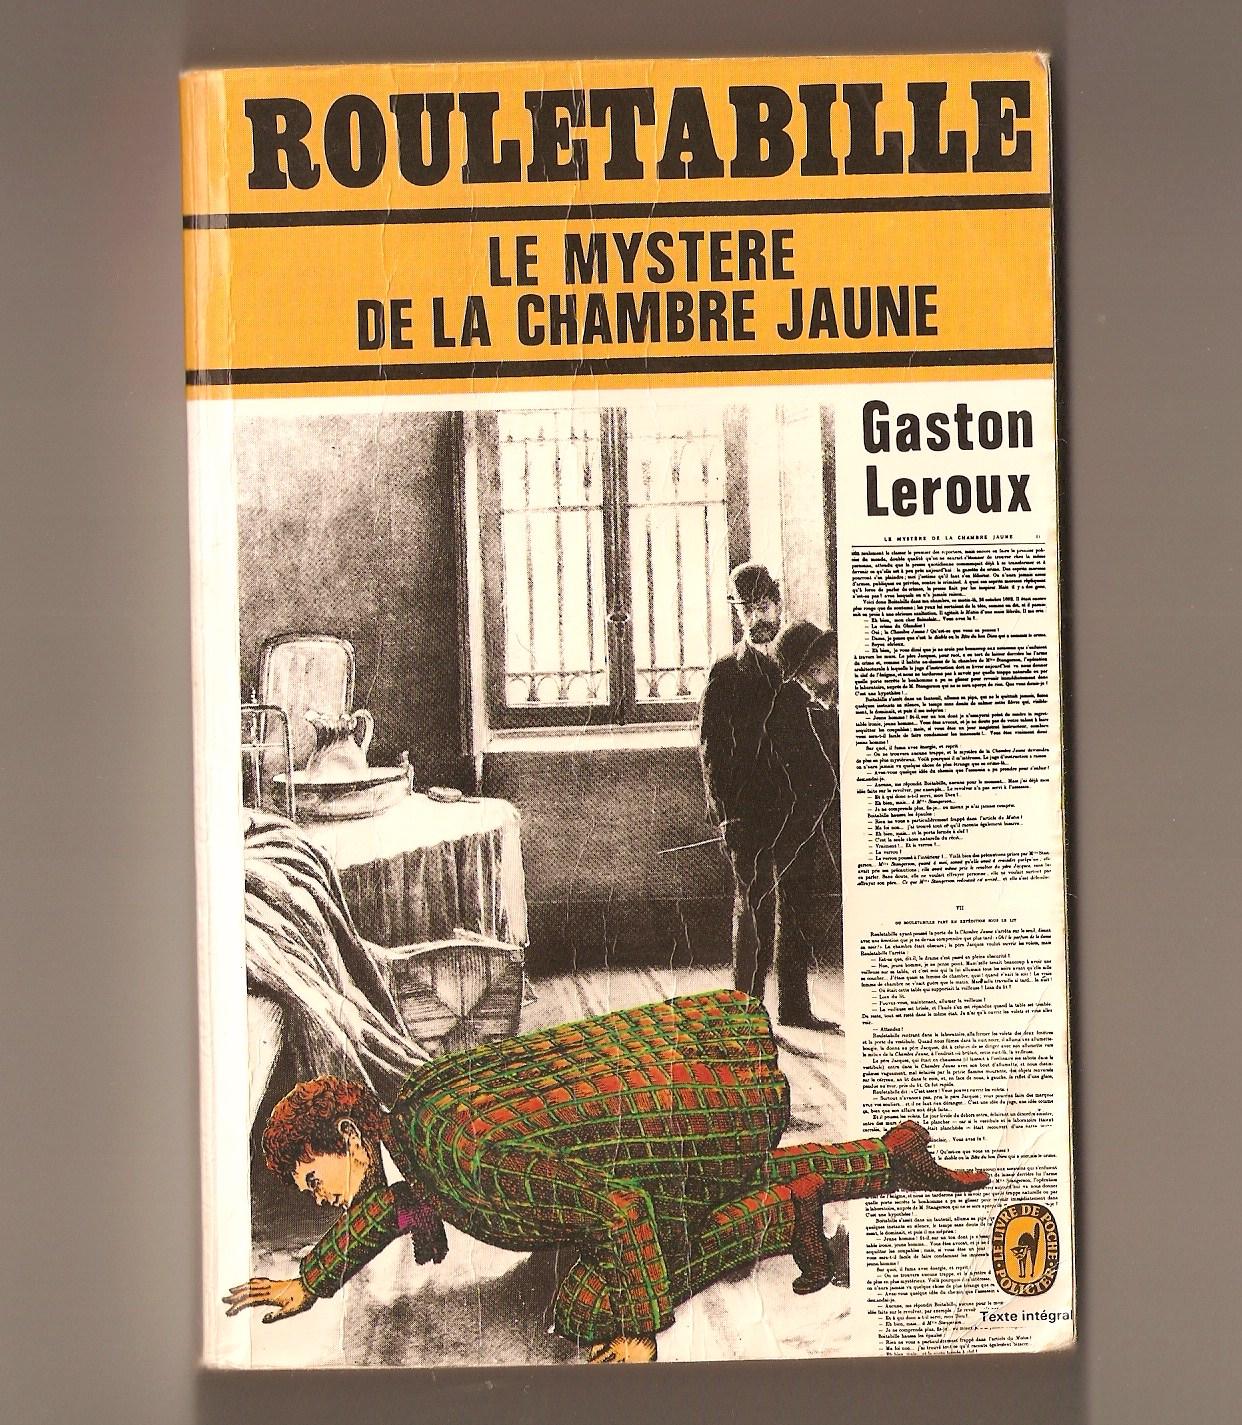 LES CHRONIQUES DE BLAKE MES POCHE SOUS LES YEUX Le Mystre de la Chambre Jaune de Gaston Leroux